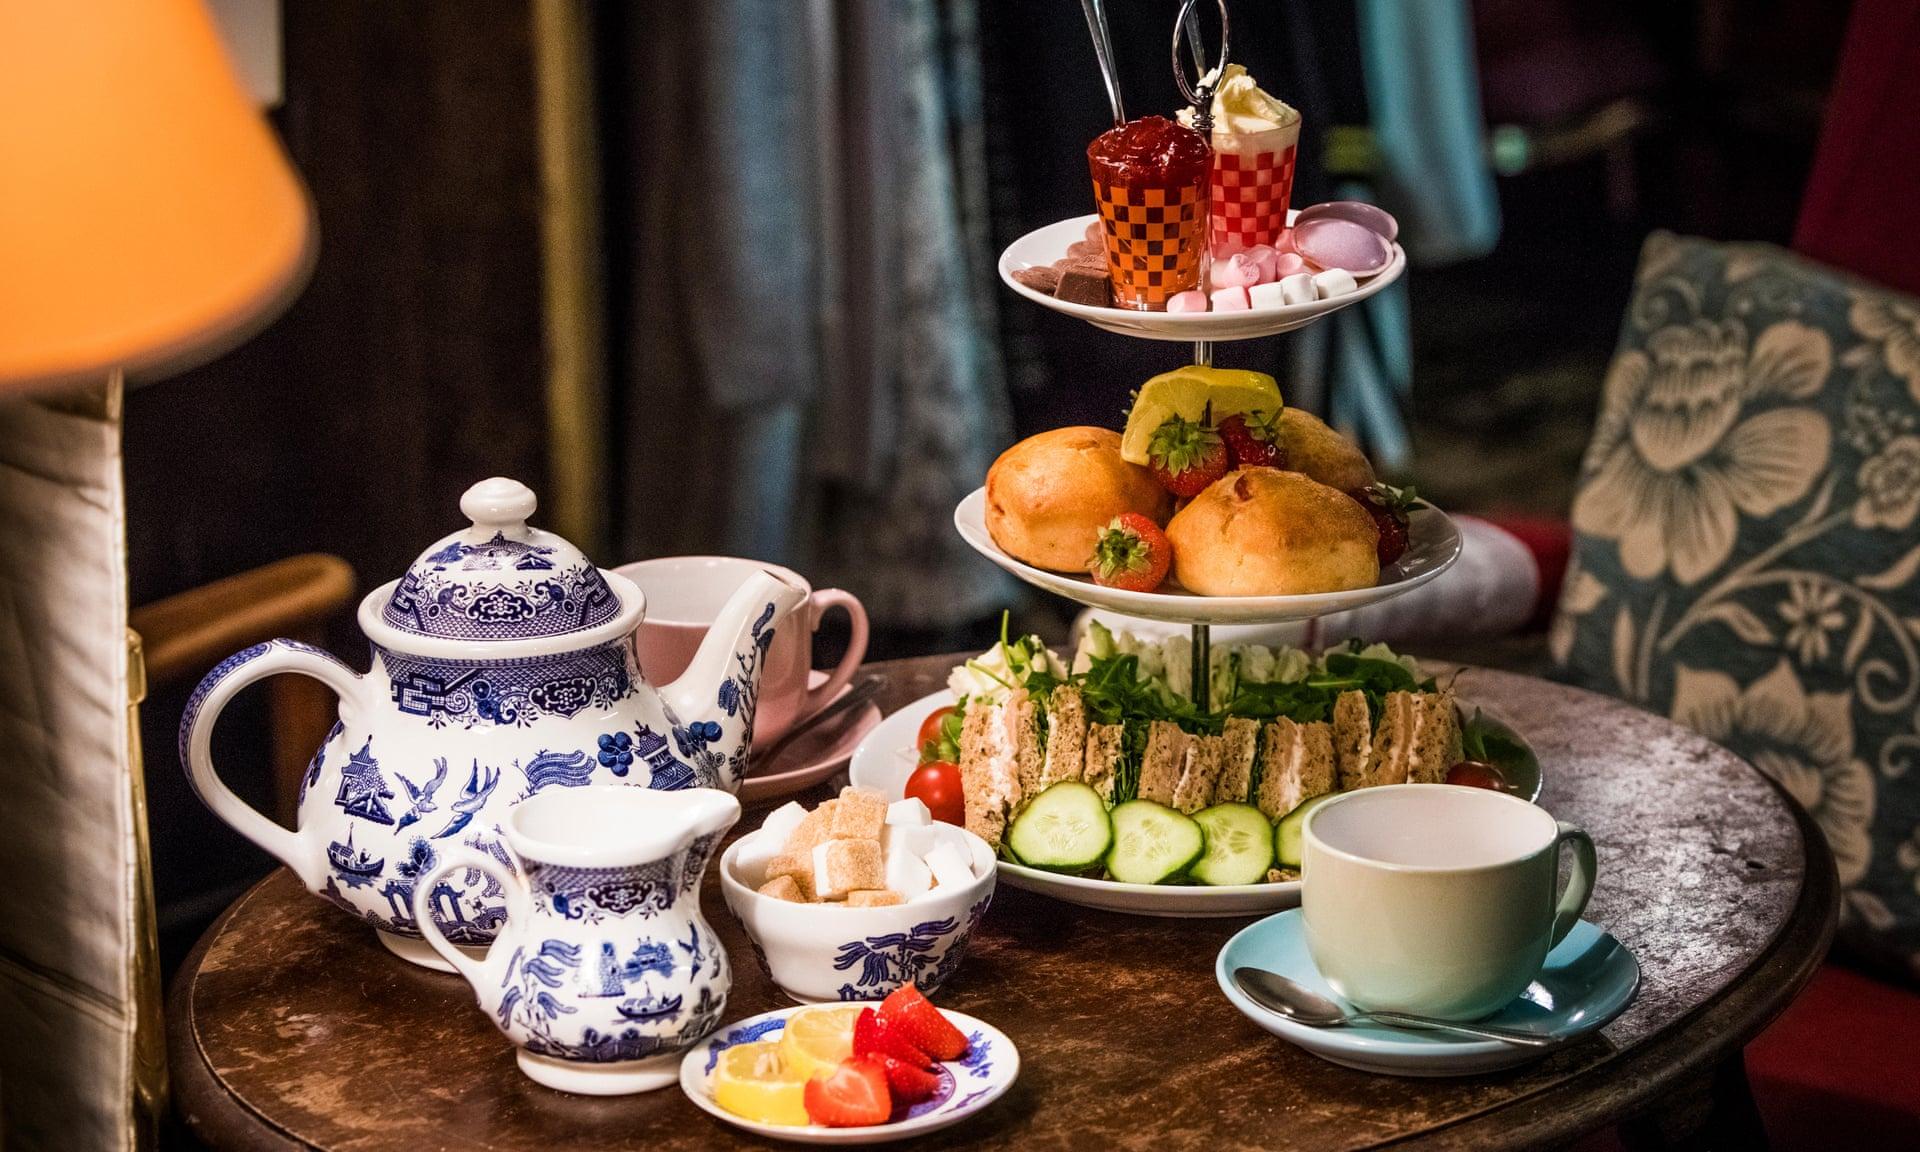 دیس مزه به عنوان اکسسوری در کنار سرویس چای خوری چینی لوکس